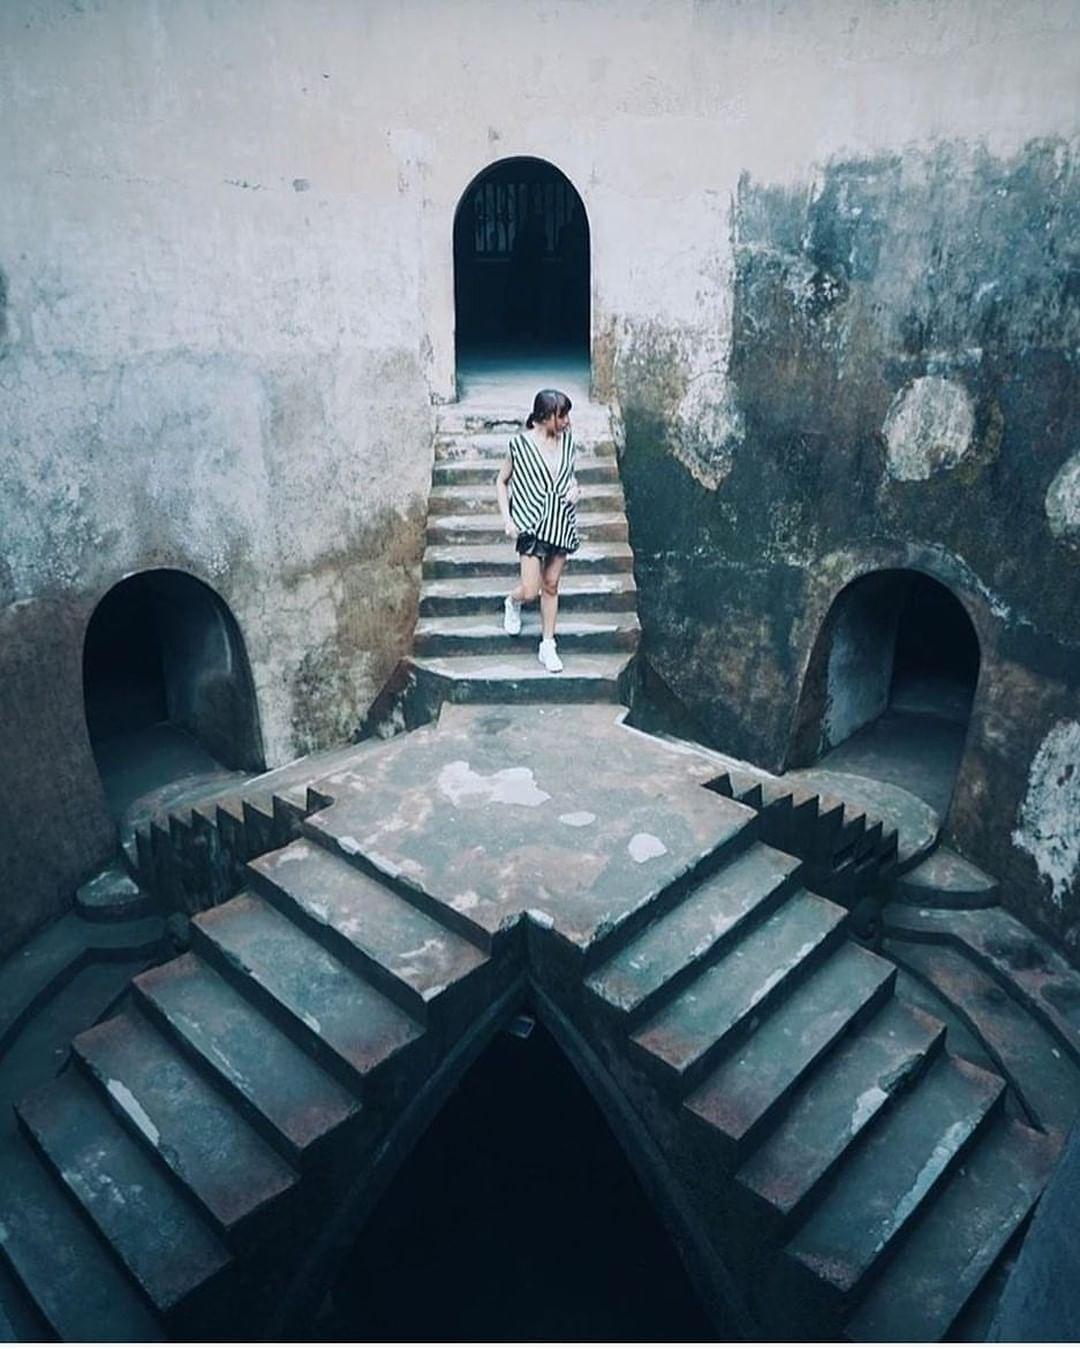 5 Destinasi Wisata Di Jogja Yang Instagramable 5